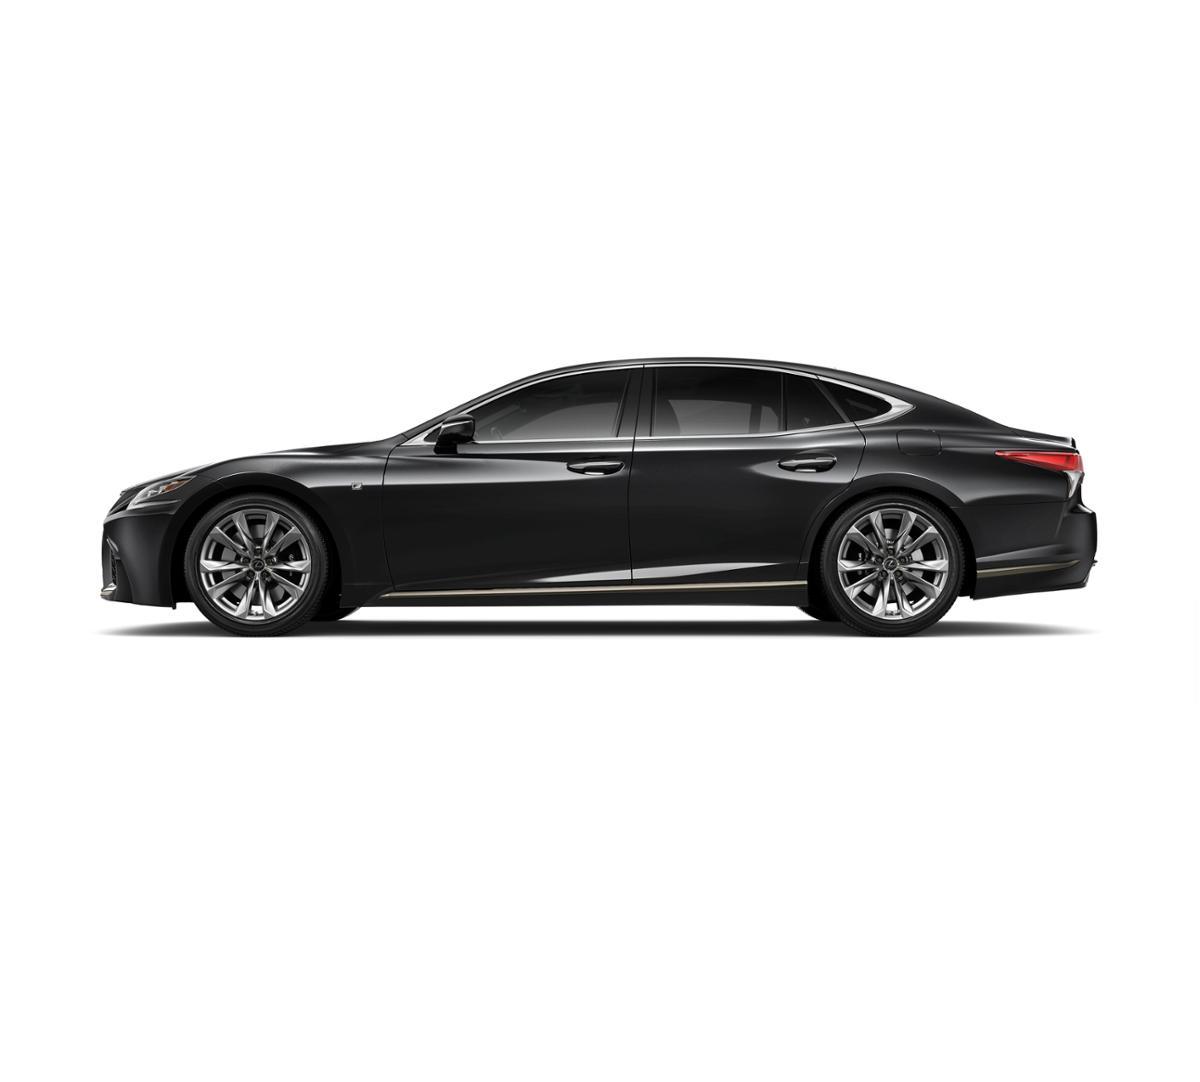 Lexus Of Memphis Used Cars: 2018 Lexus LS 500